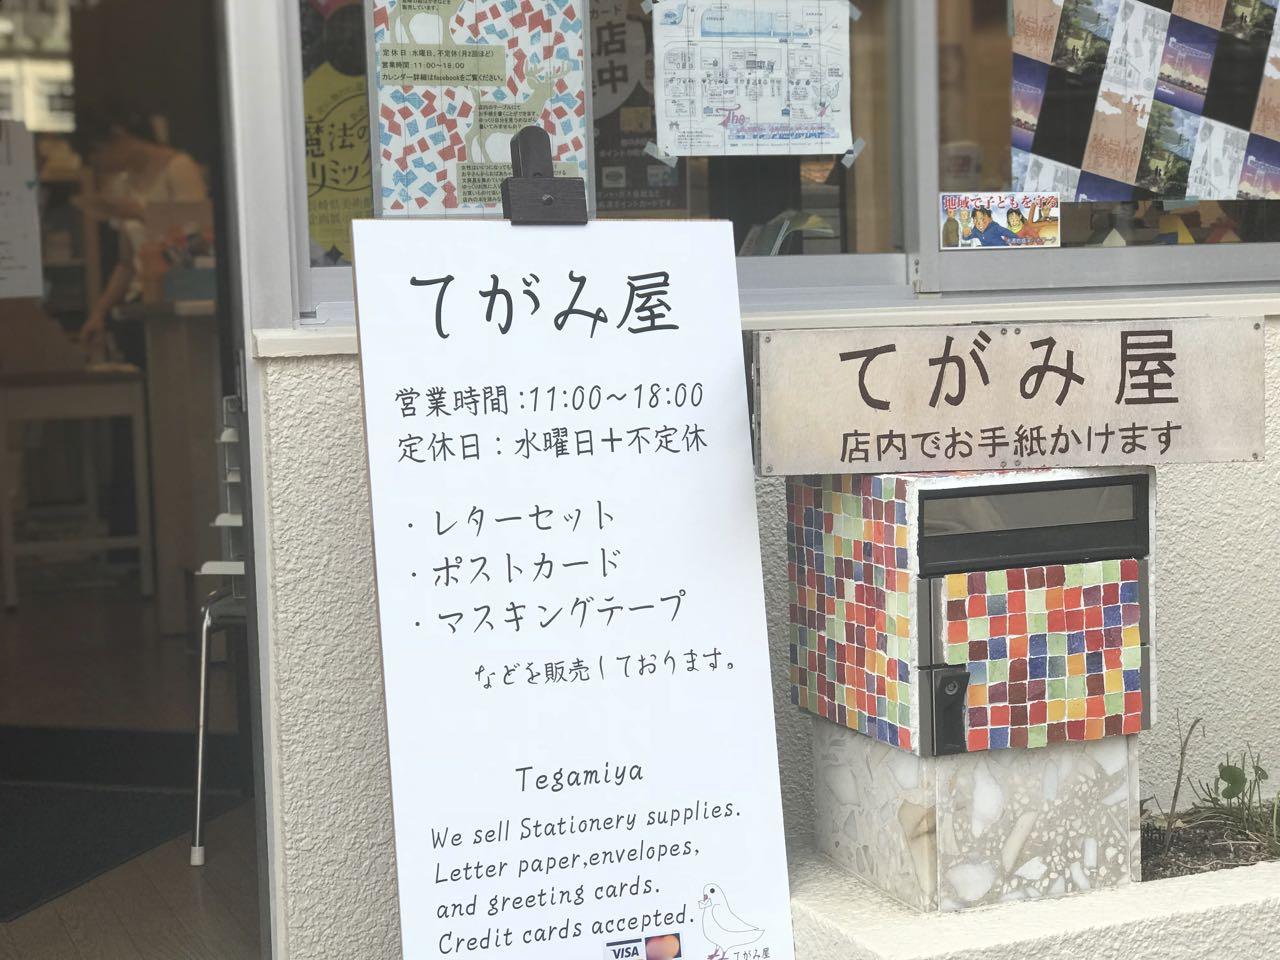 9/8「てがみ屋」5周年イベント「ミナト」貸切電車旅 | 一期一会